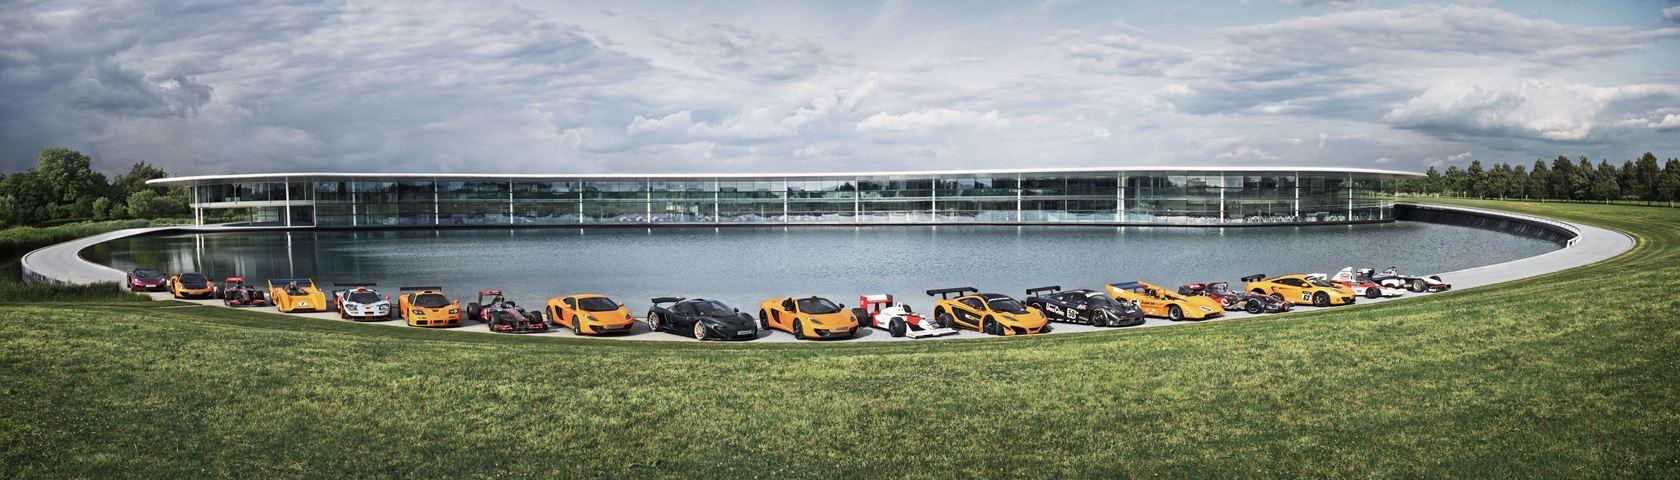 History of McLaren